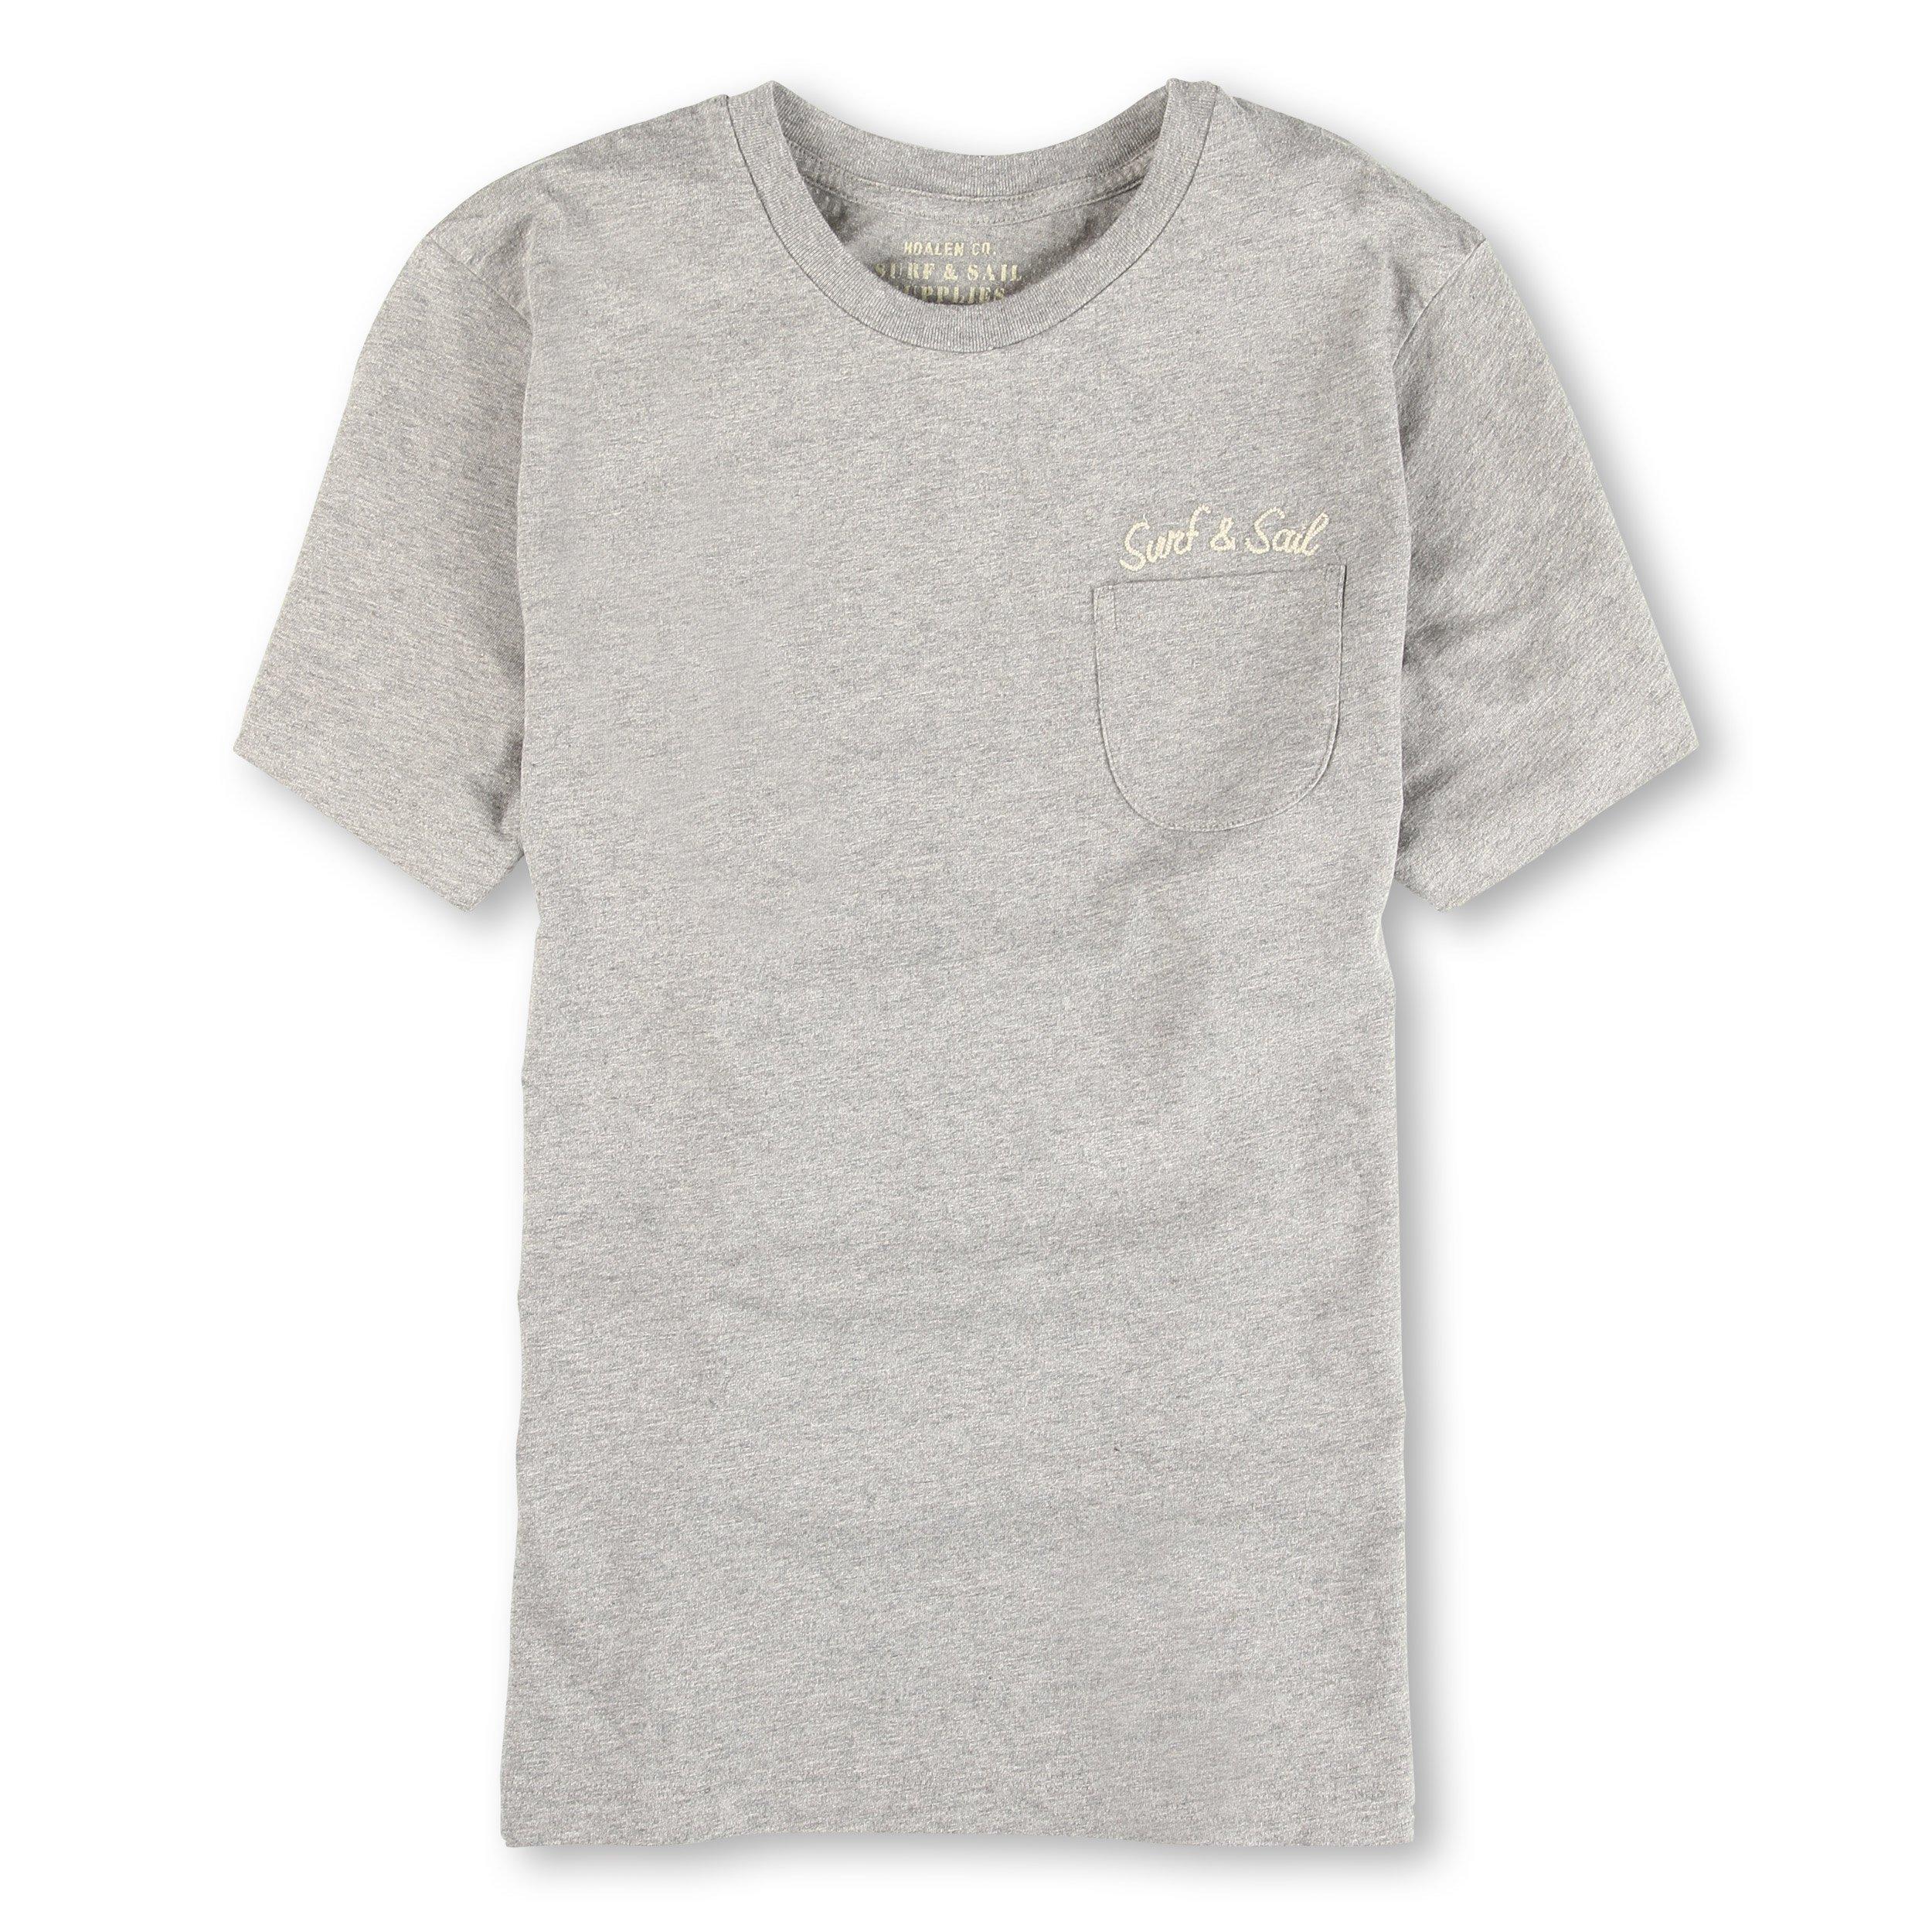 Short sleeves tshirt